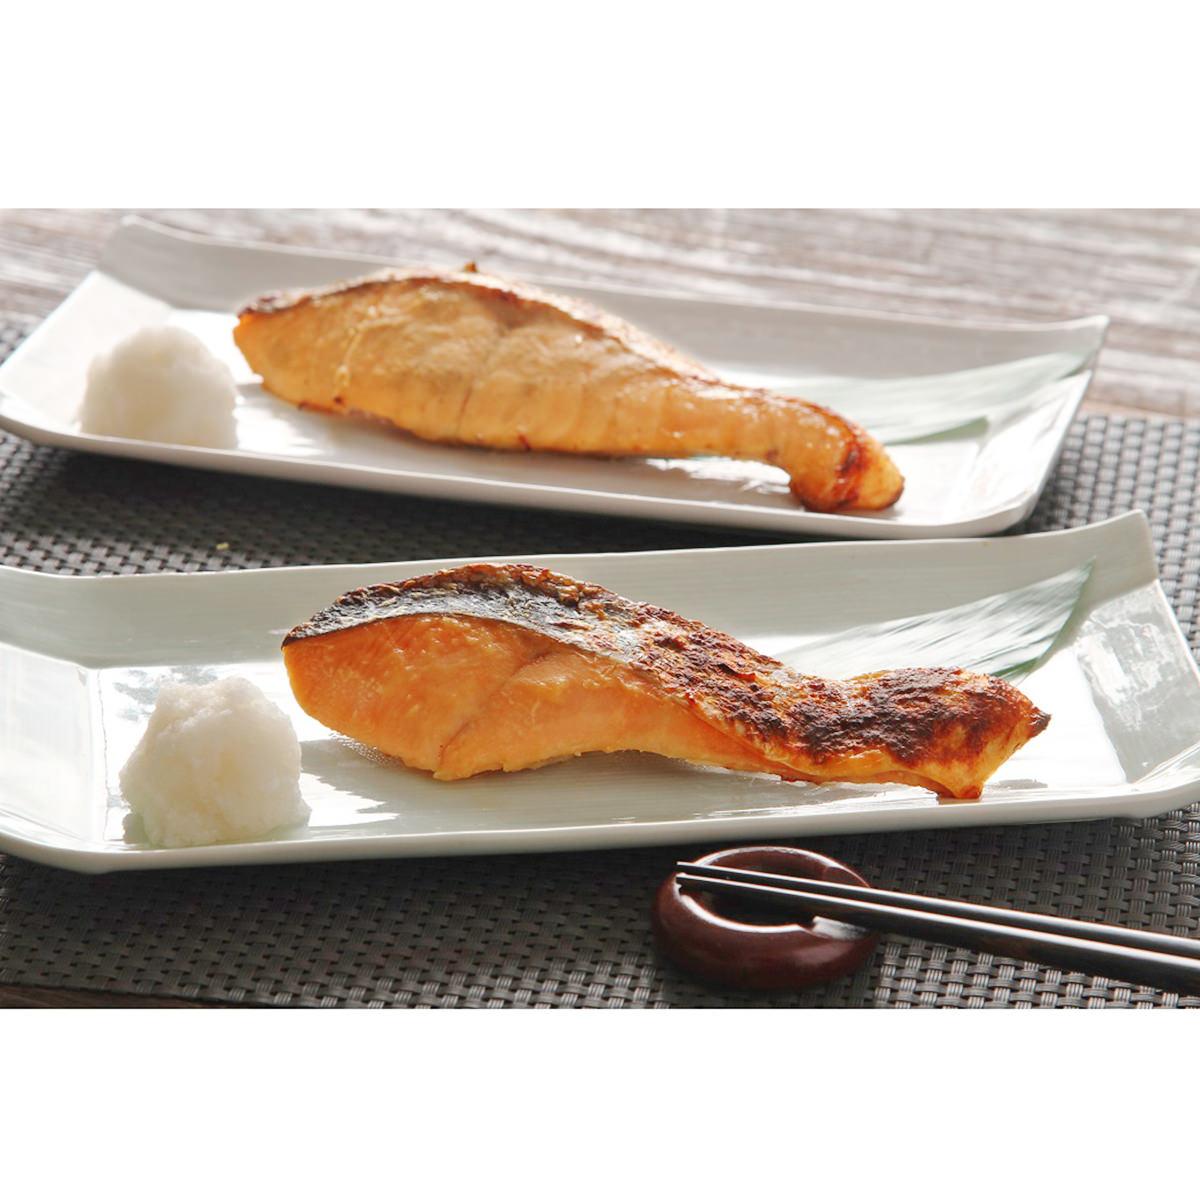 銀聖漬魚セット 〔北海道大豆味噌味・山椒味噌味 各70g×各4〕 鮭 切り身 味噌漬け 北海道 三協水産